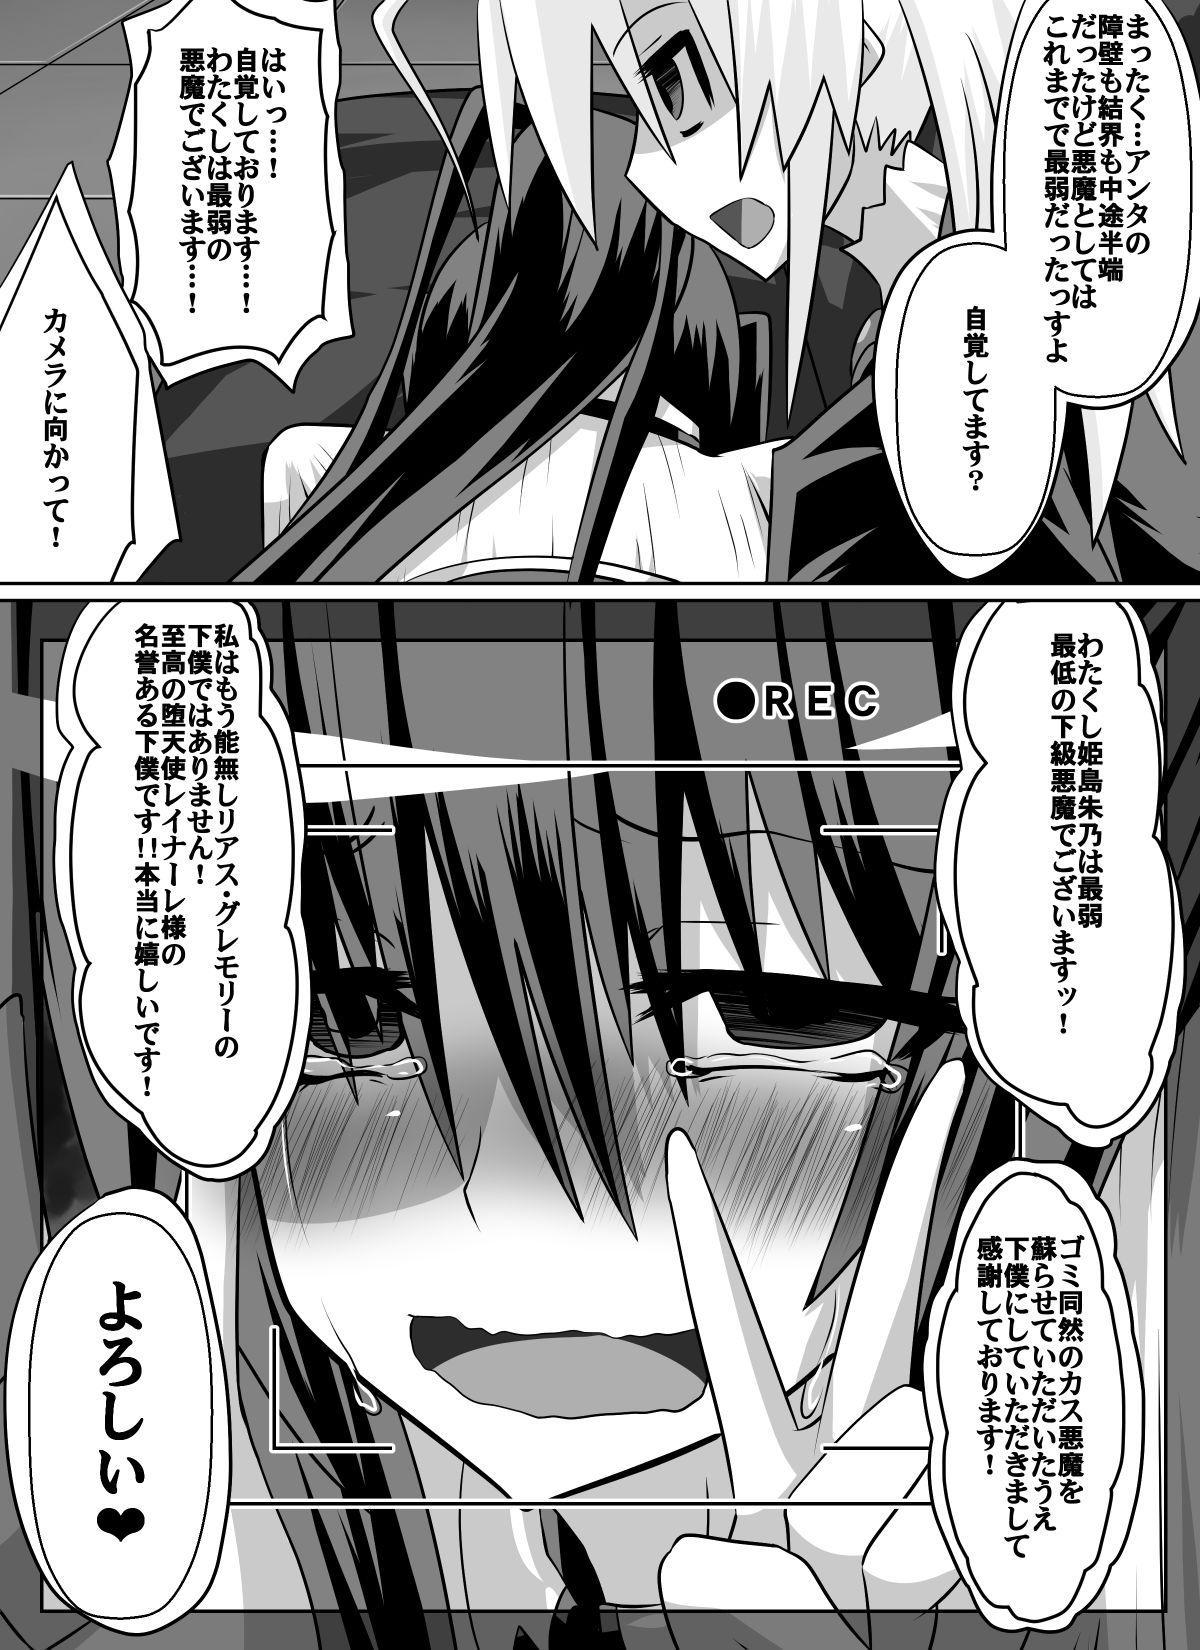 Benigami no Messatsuki ~Teki Onna ni Juurin Sareru Kouketsu Shoujo 36